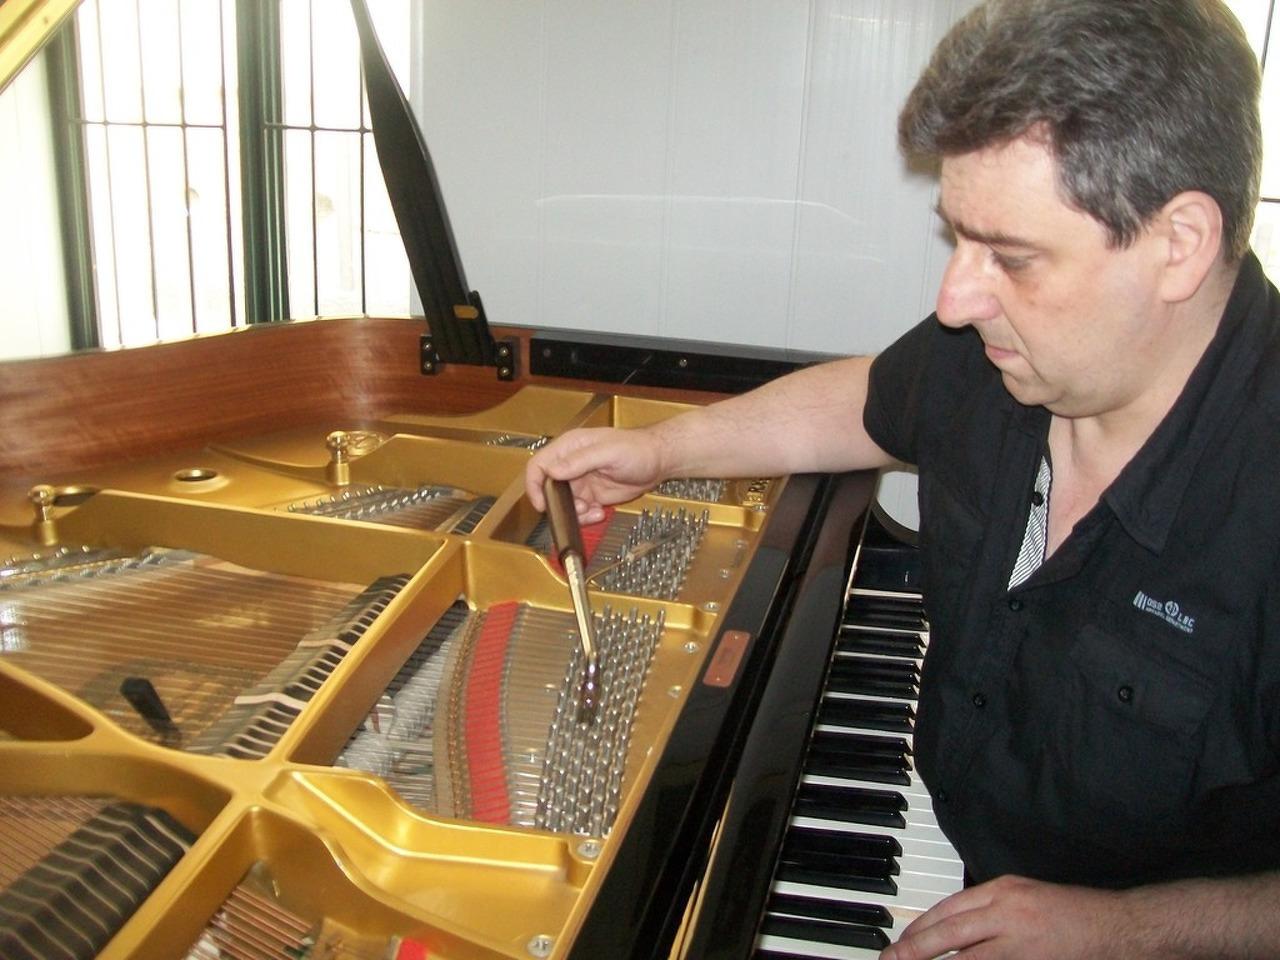 Afinador técnico de pianos . Lisboa - 1/5